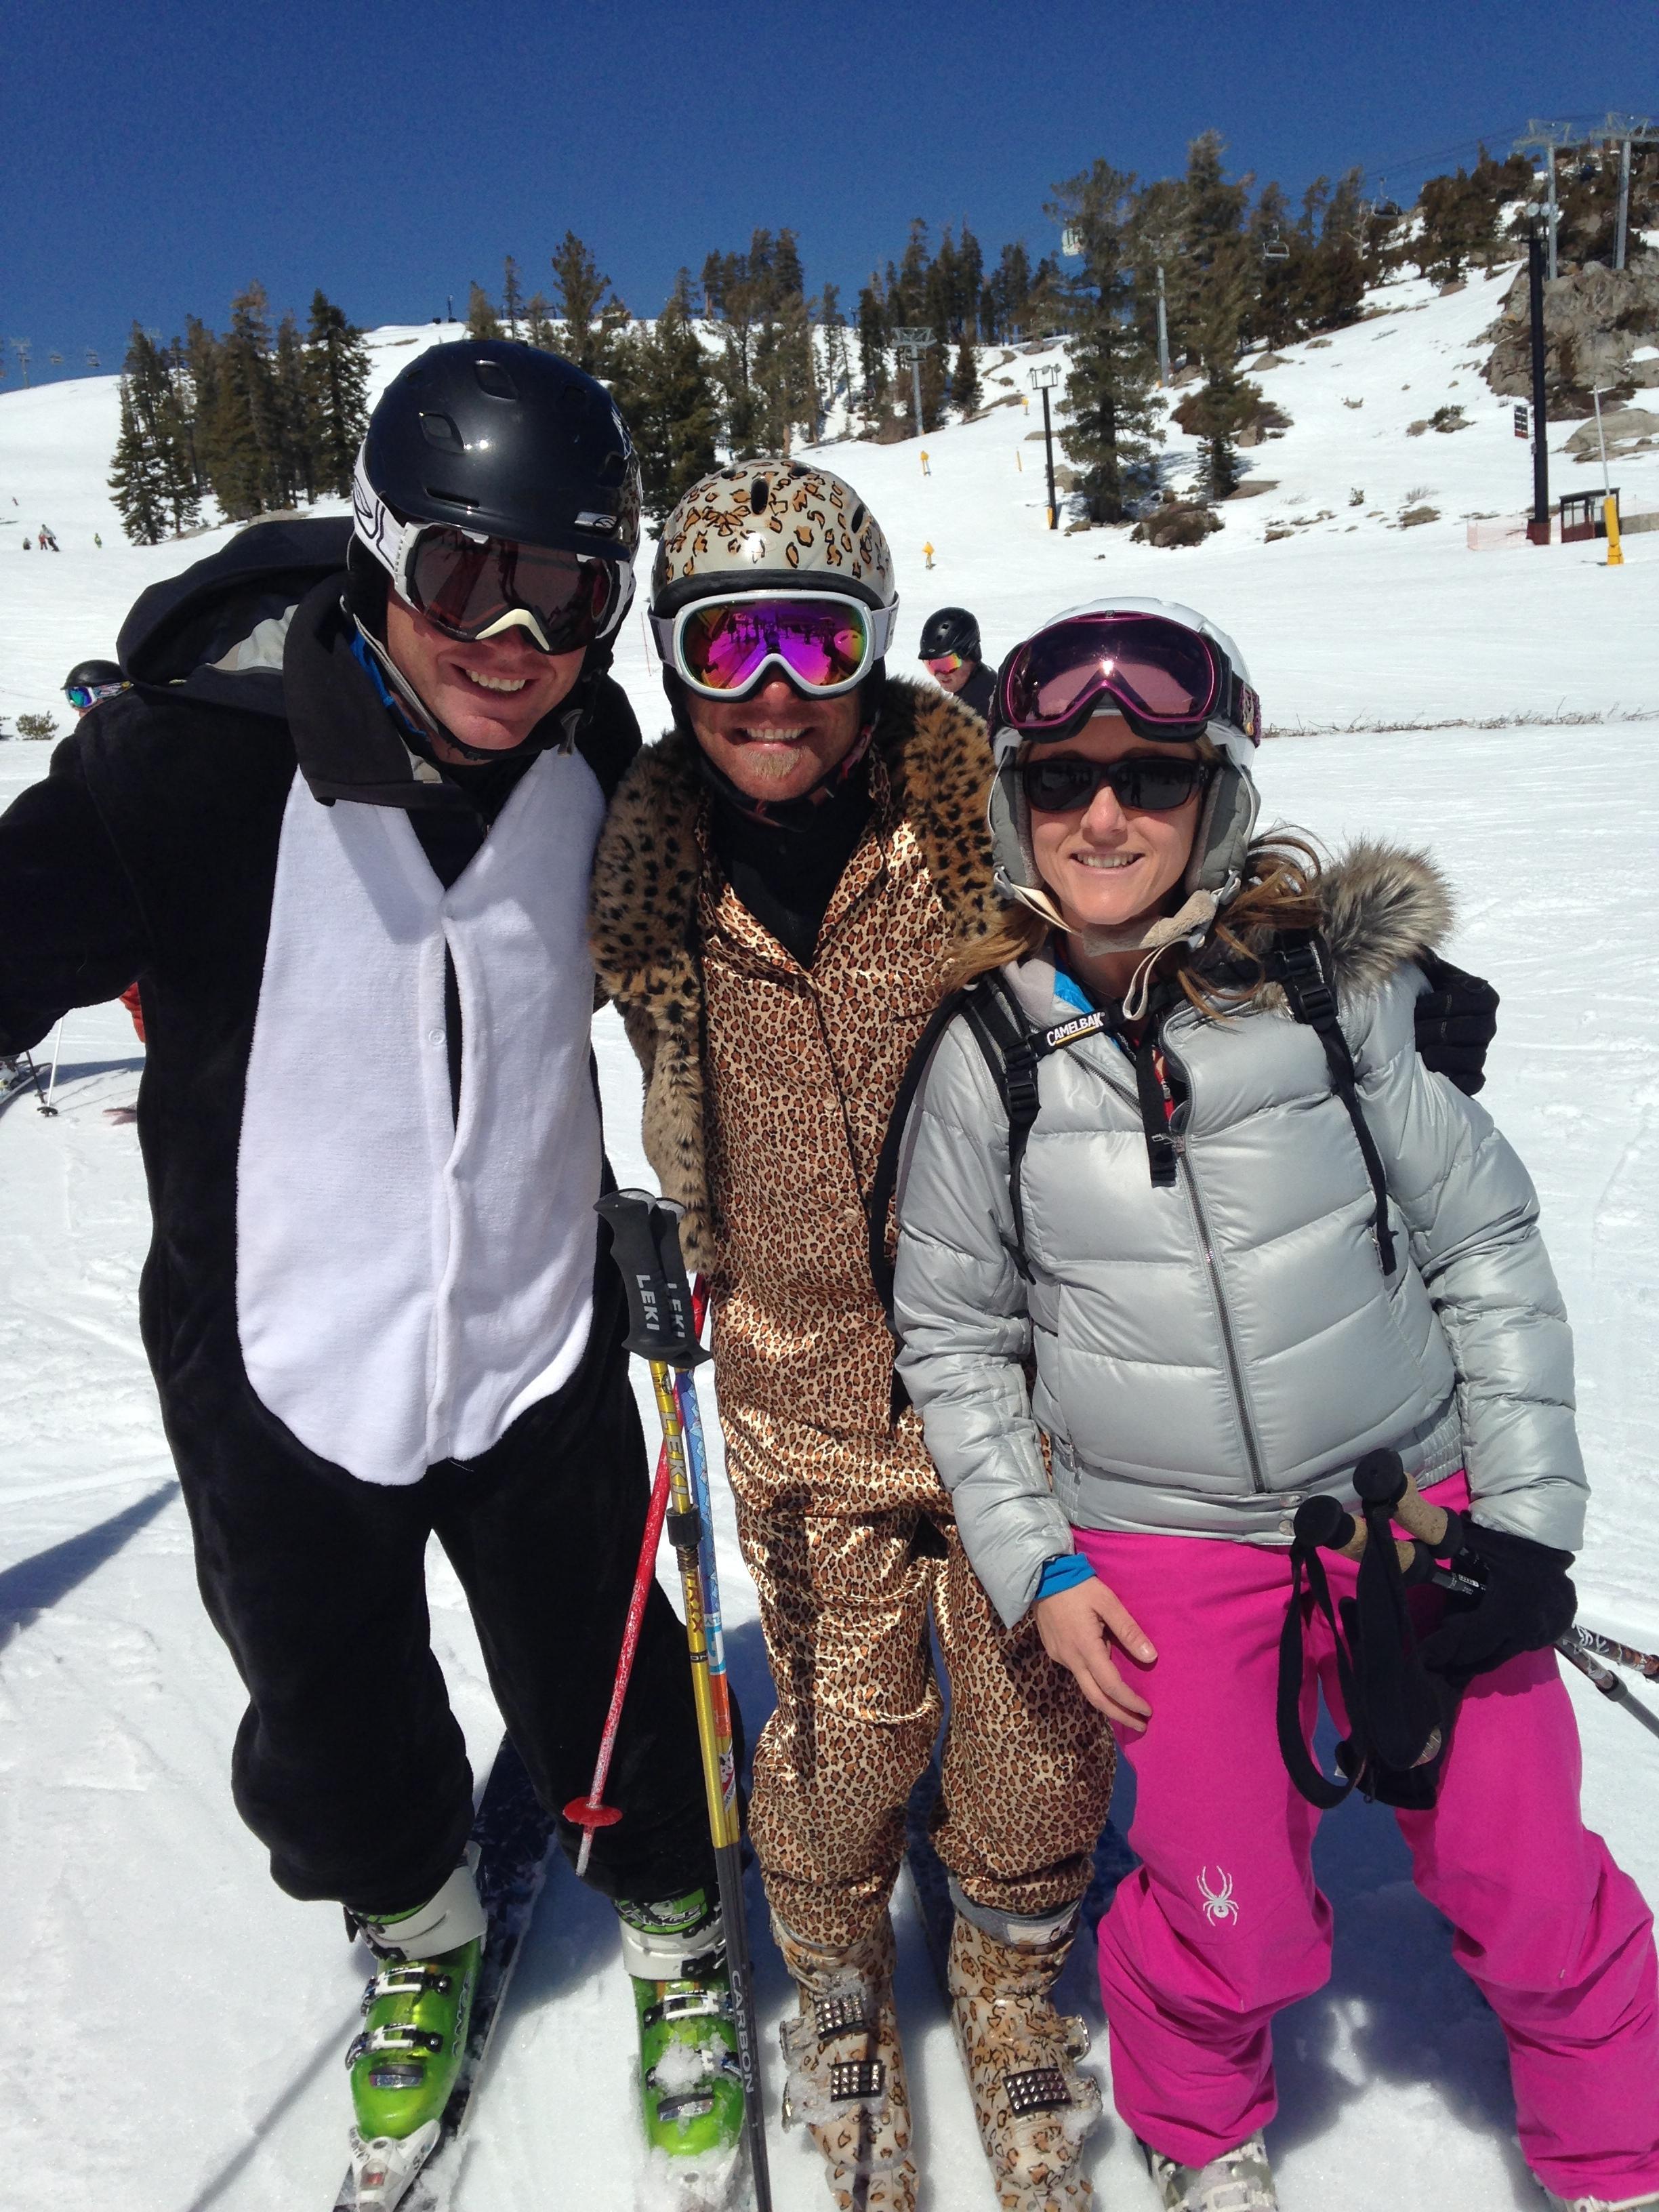 Soul Skiers Like to Dress Up and Ski